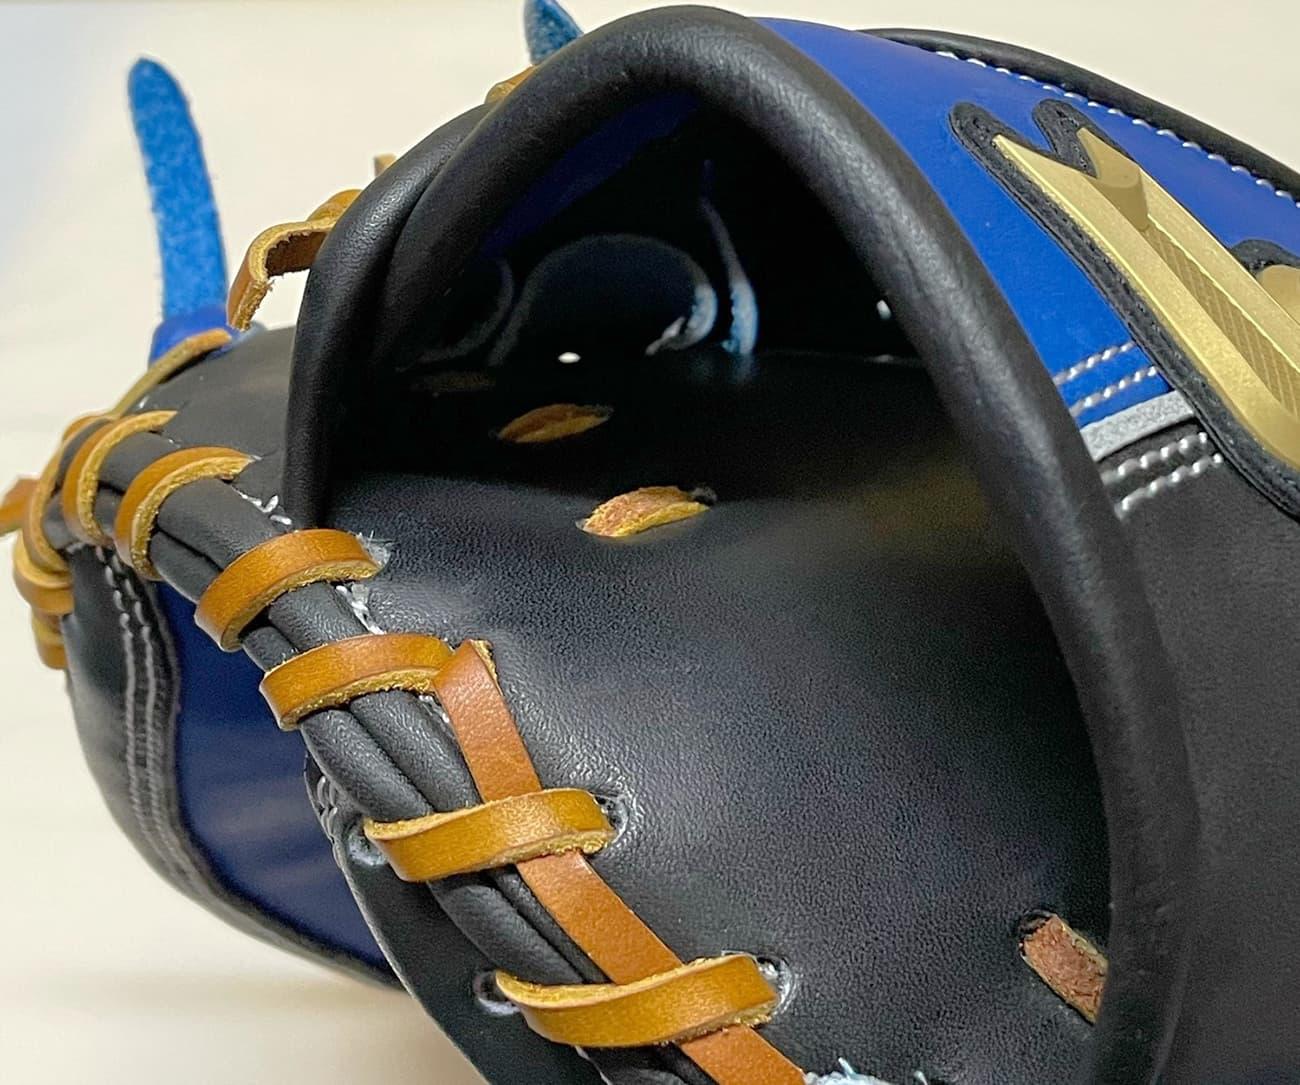 【SSK】【タイガース梅野モデル】軟式野球用キャッチャーミット(PENM531T44)薬指リング